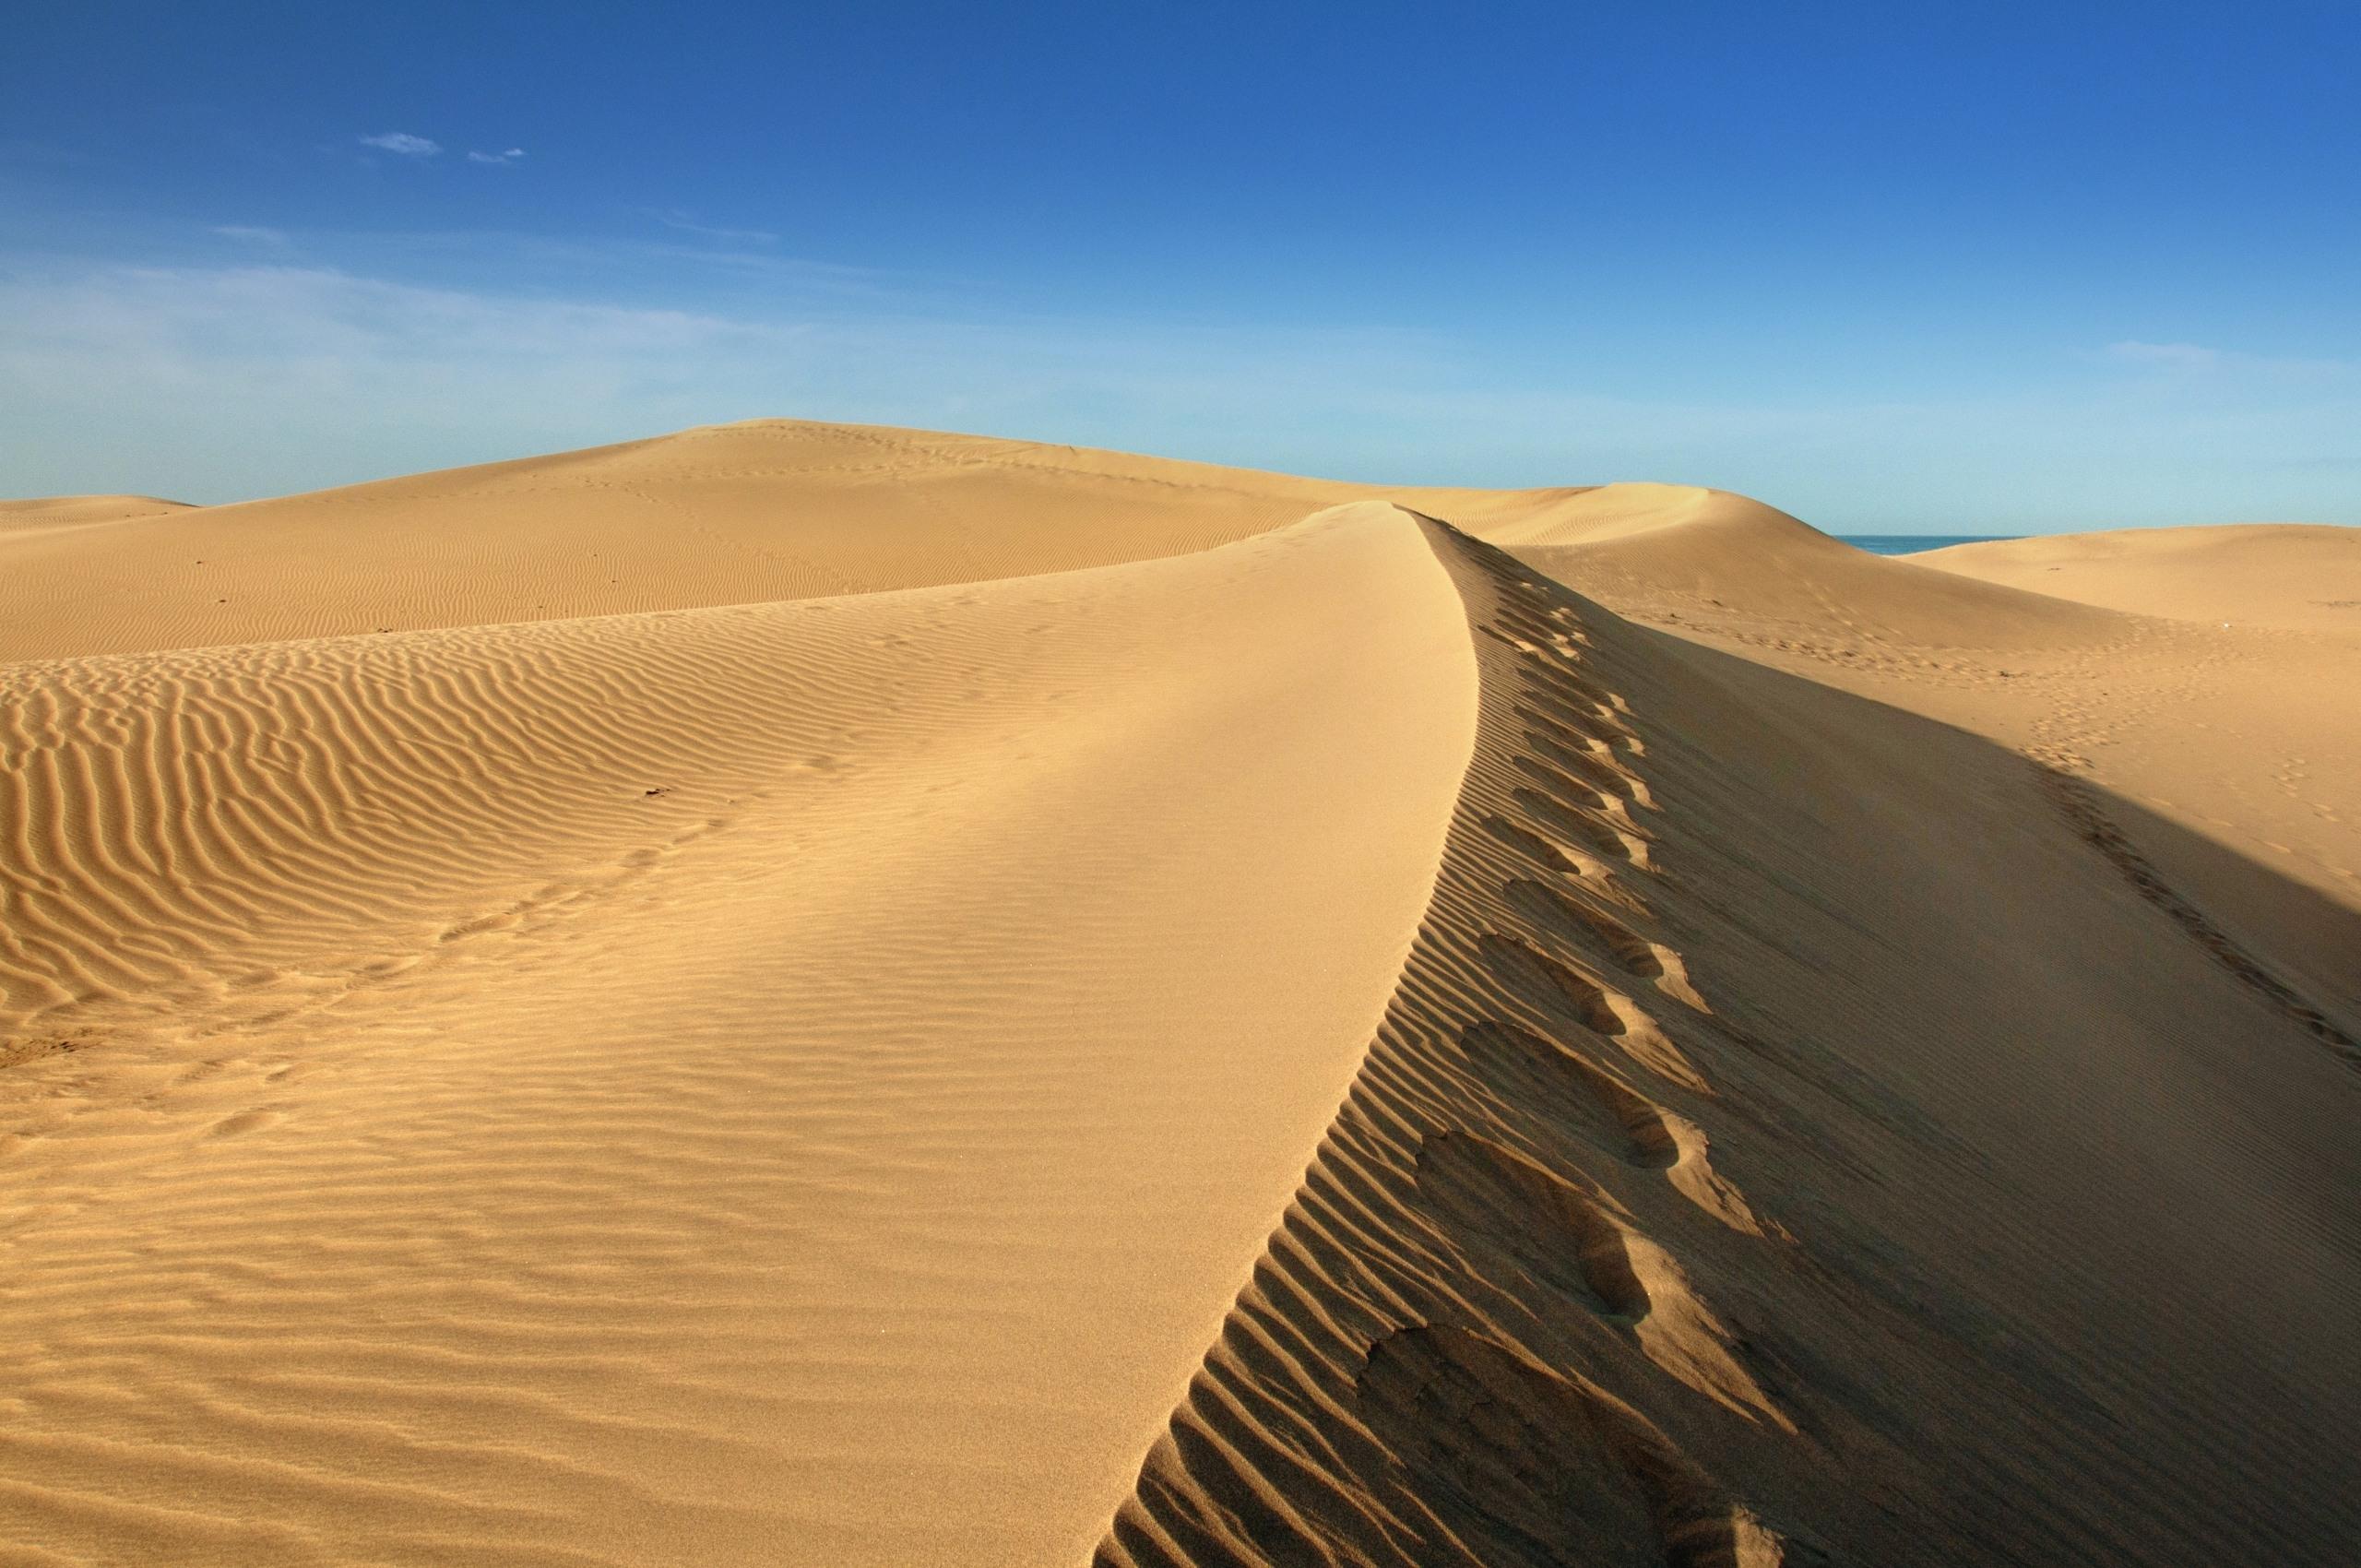 91925 Заставки и Обои Песок на телефон. Скачать Пустыня, Песок, Природа, Небо, Ветер картинки бесплатно